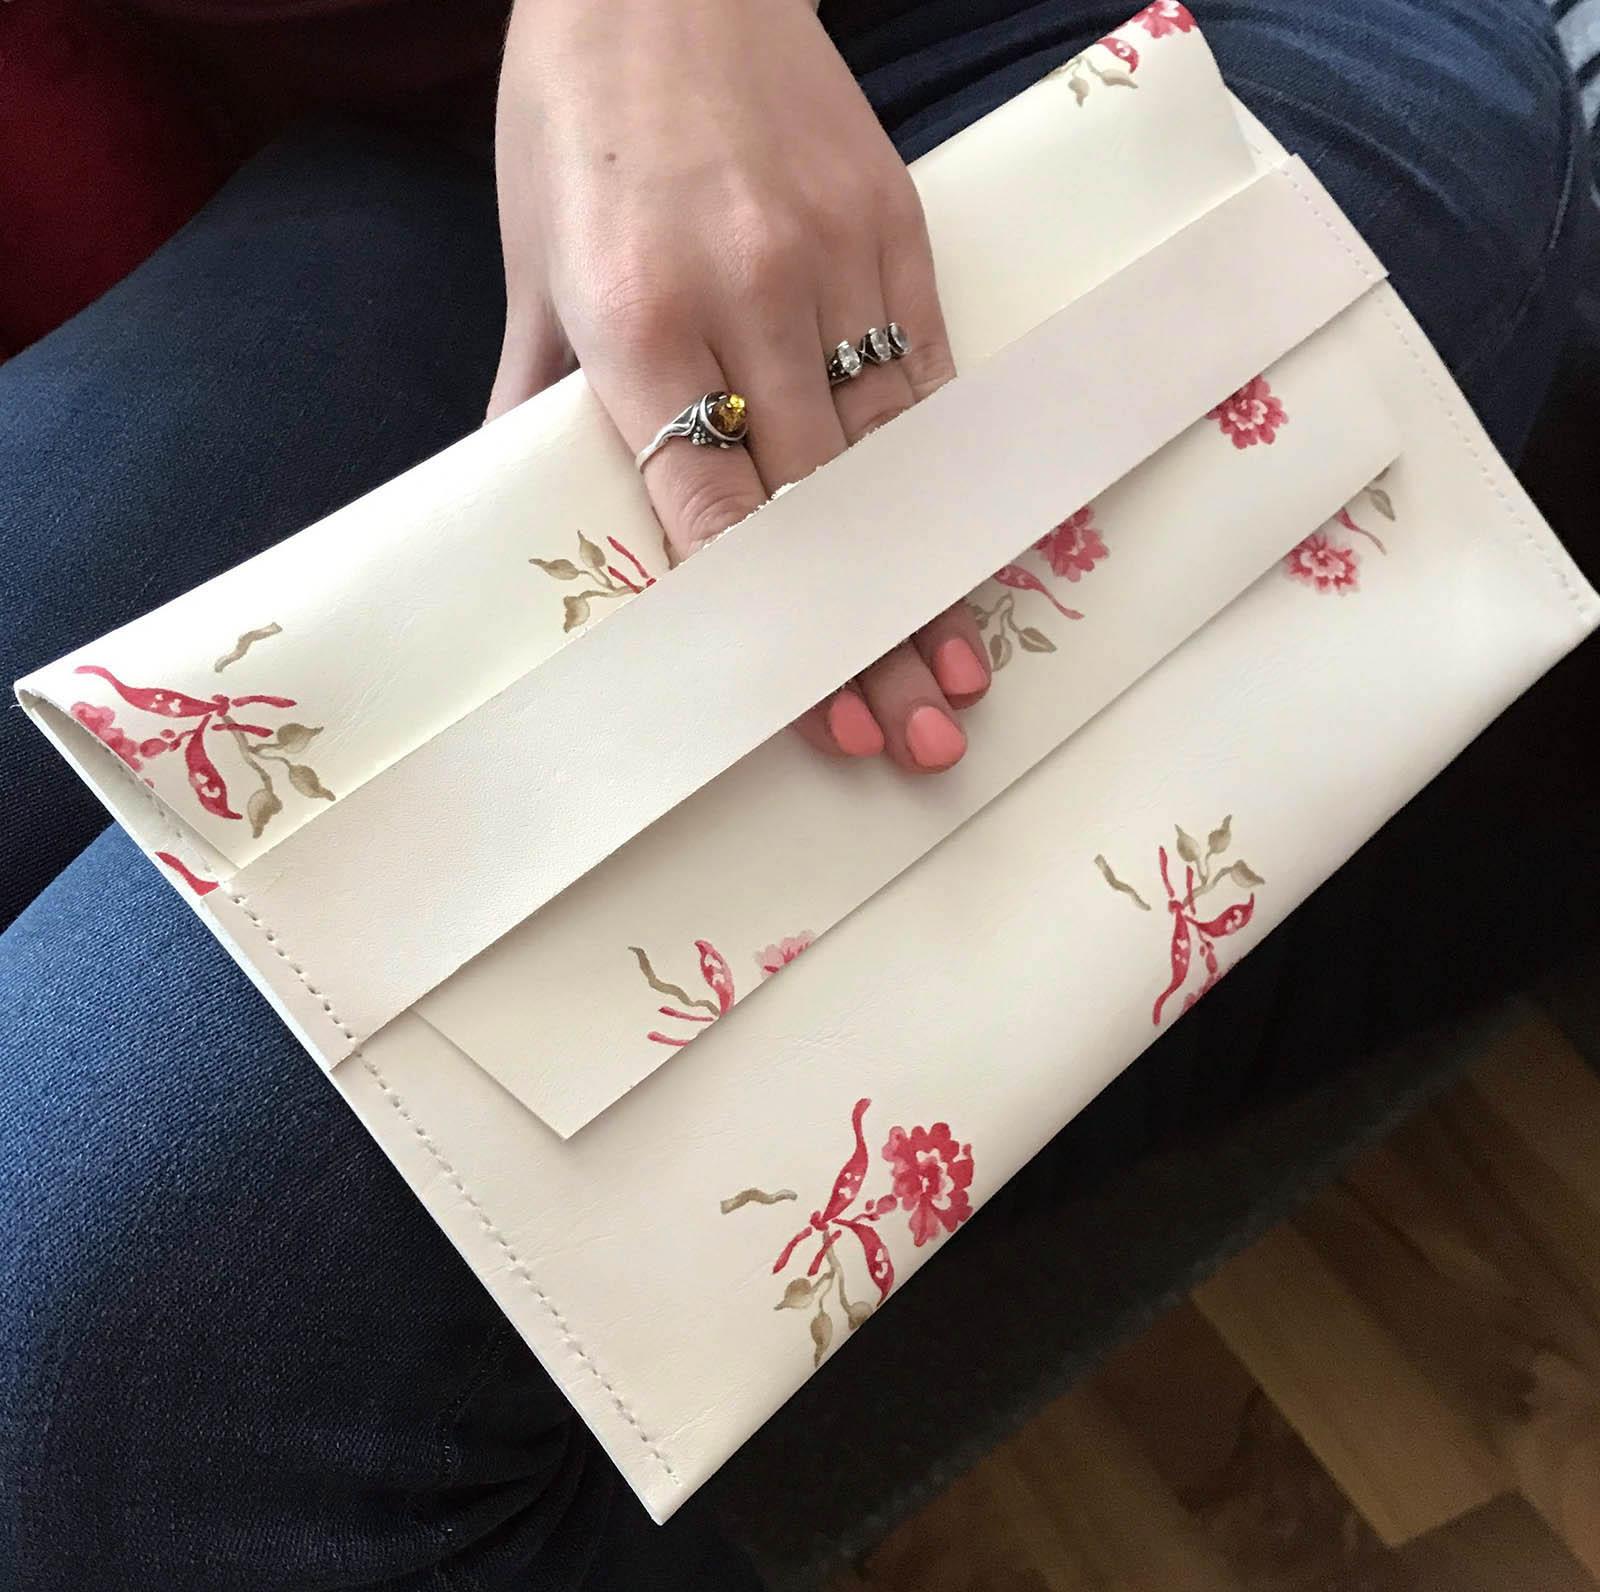 delnine rankine mini rankinukas vestuviu abituriantu  naturalios odos tase moterims  dovanos moterims merginai panelei   moteriskos tases is odos gimtadienio sukaktuviu proga 1